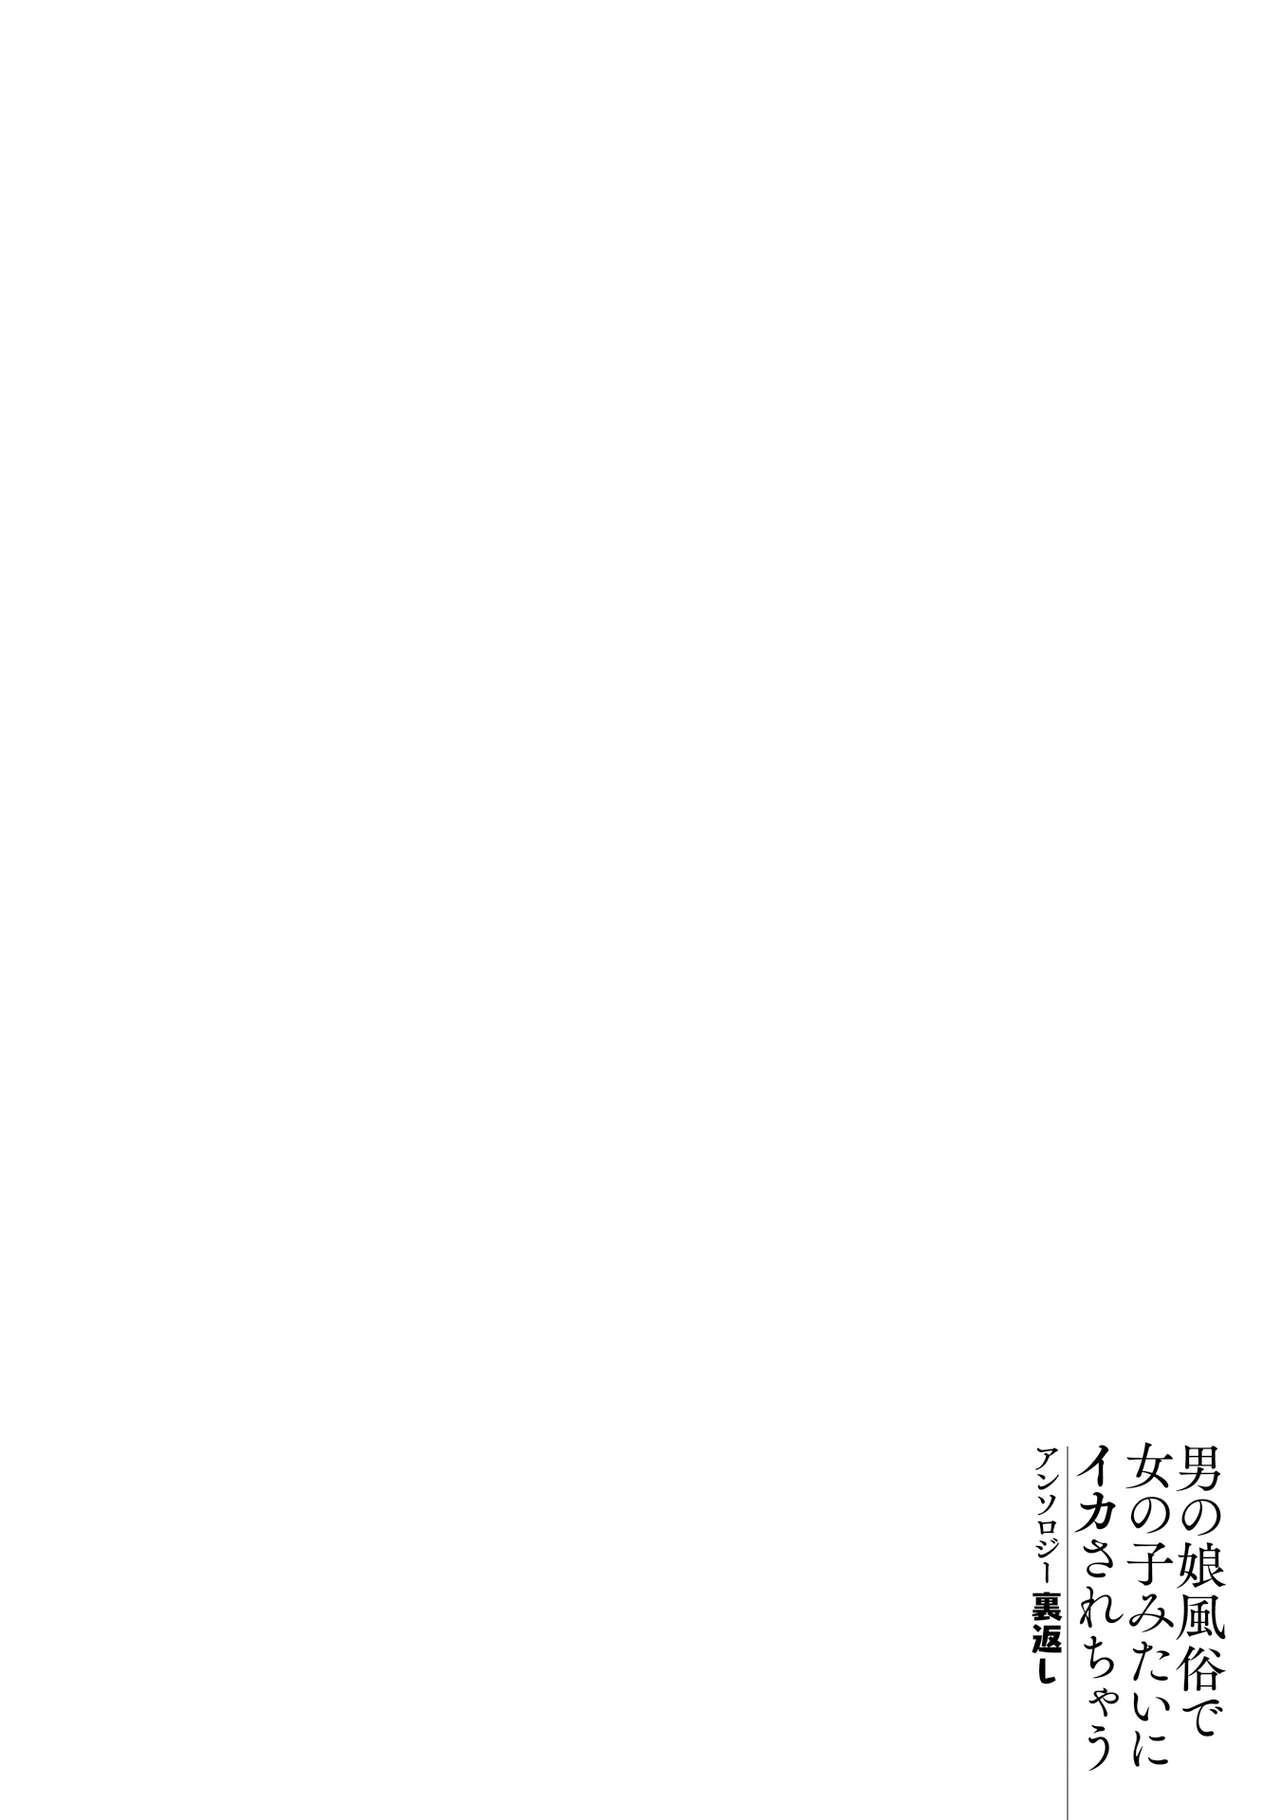 Otokonoko Fuuzoku de Onnanoko Mitai ni Ikasarechau Anthology 2 uragaeshi 99